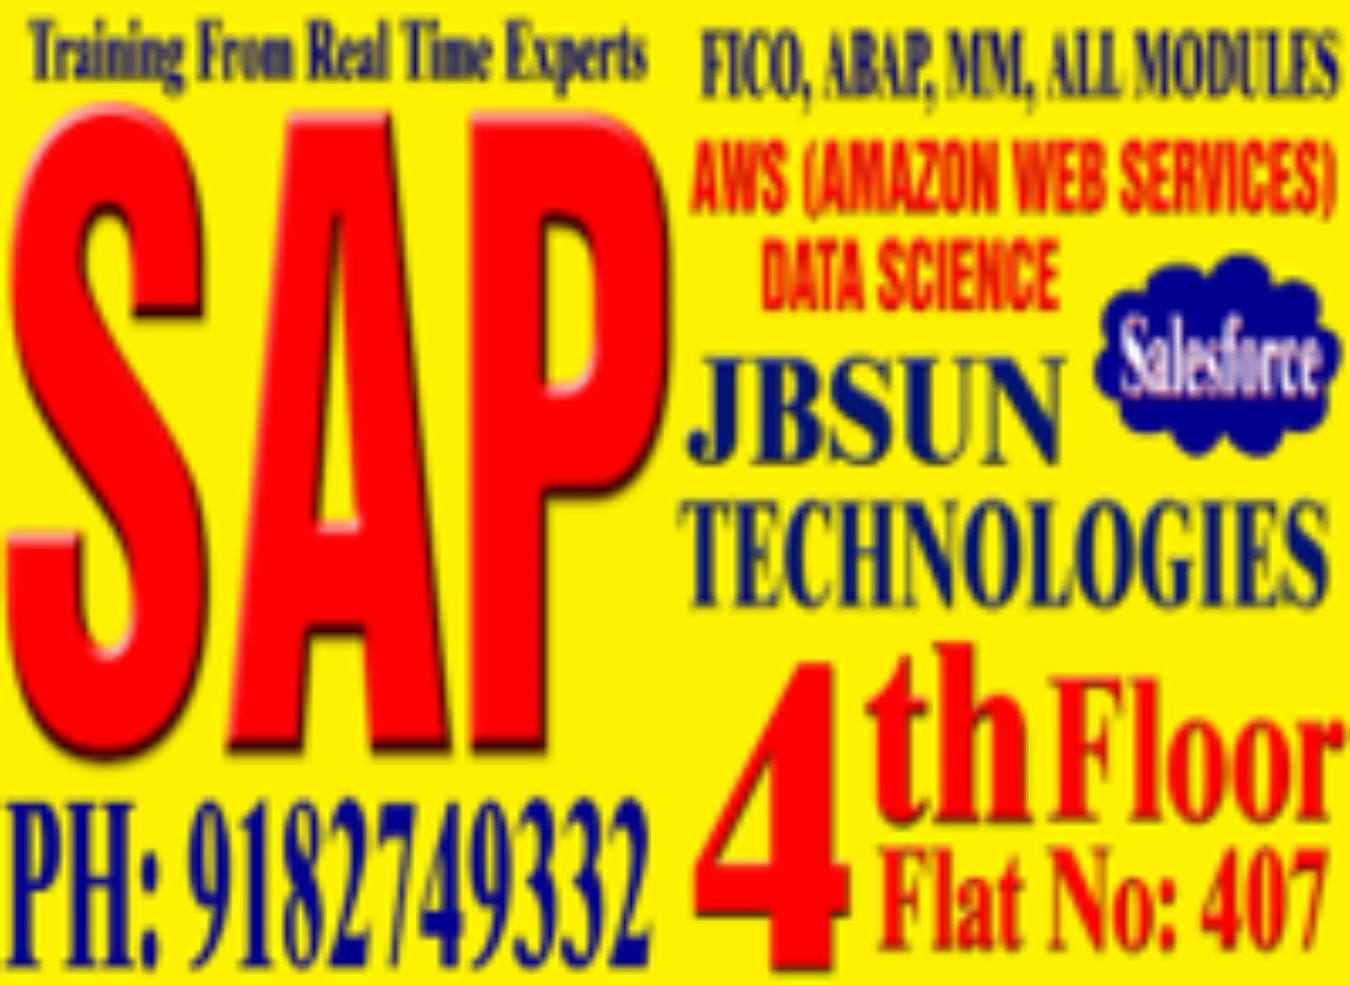 Jbsun technologies sap training institute at Chandanagar Tickets by  JBSUNTECHNOLOGIES, 19 Dec, 2018, Hyderabad Event